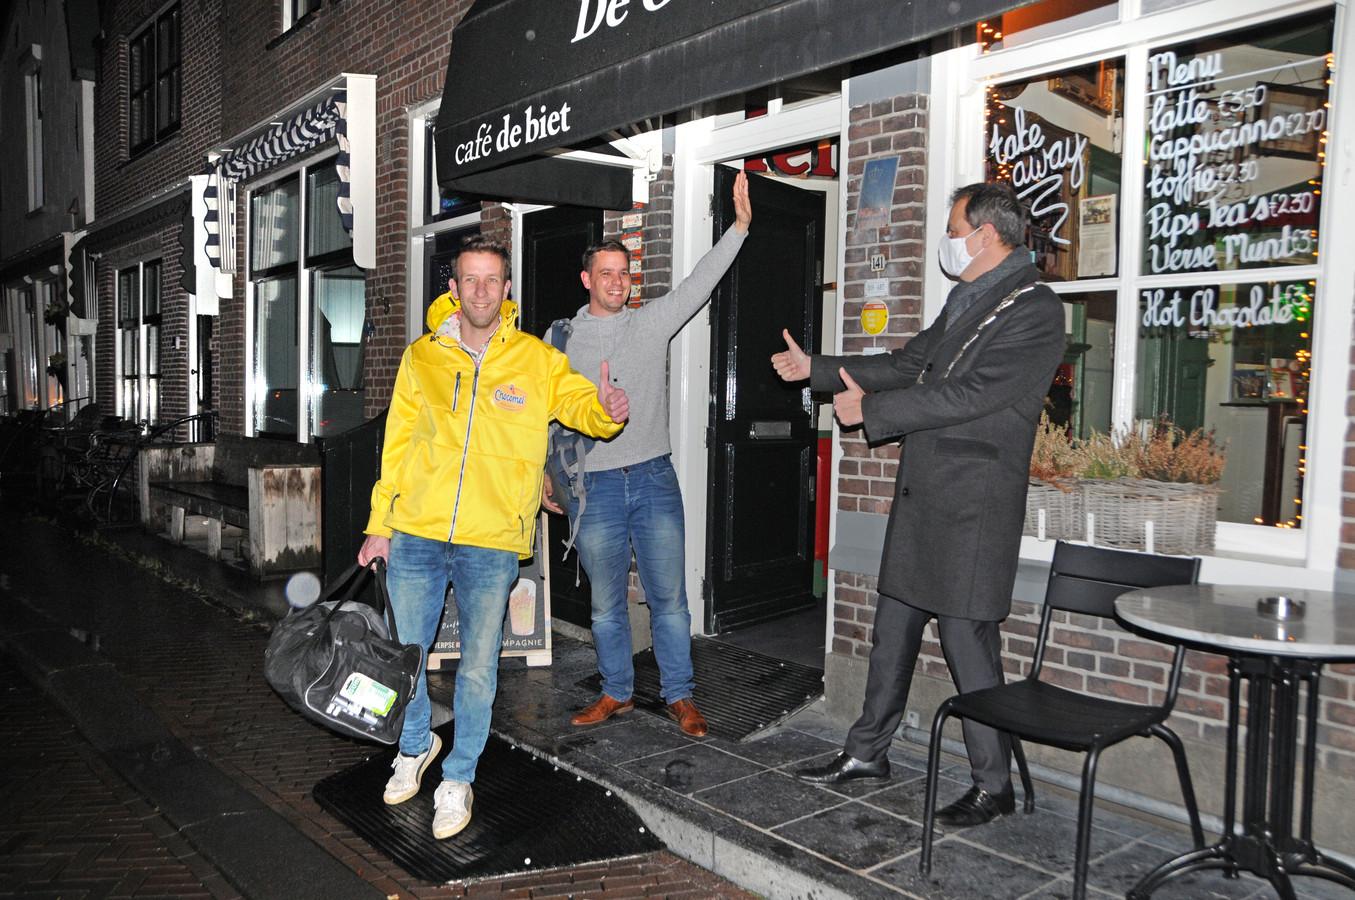 Het zit erop! Na vier volle dagen mogen Gerrit van Loon (links) en Jim Stremme het tot Glaezen Hûûs gedoopte café De Biet verlaten. Ze worden uitgezwaaid door de burgemeester.